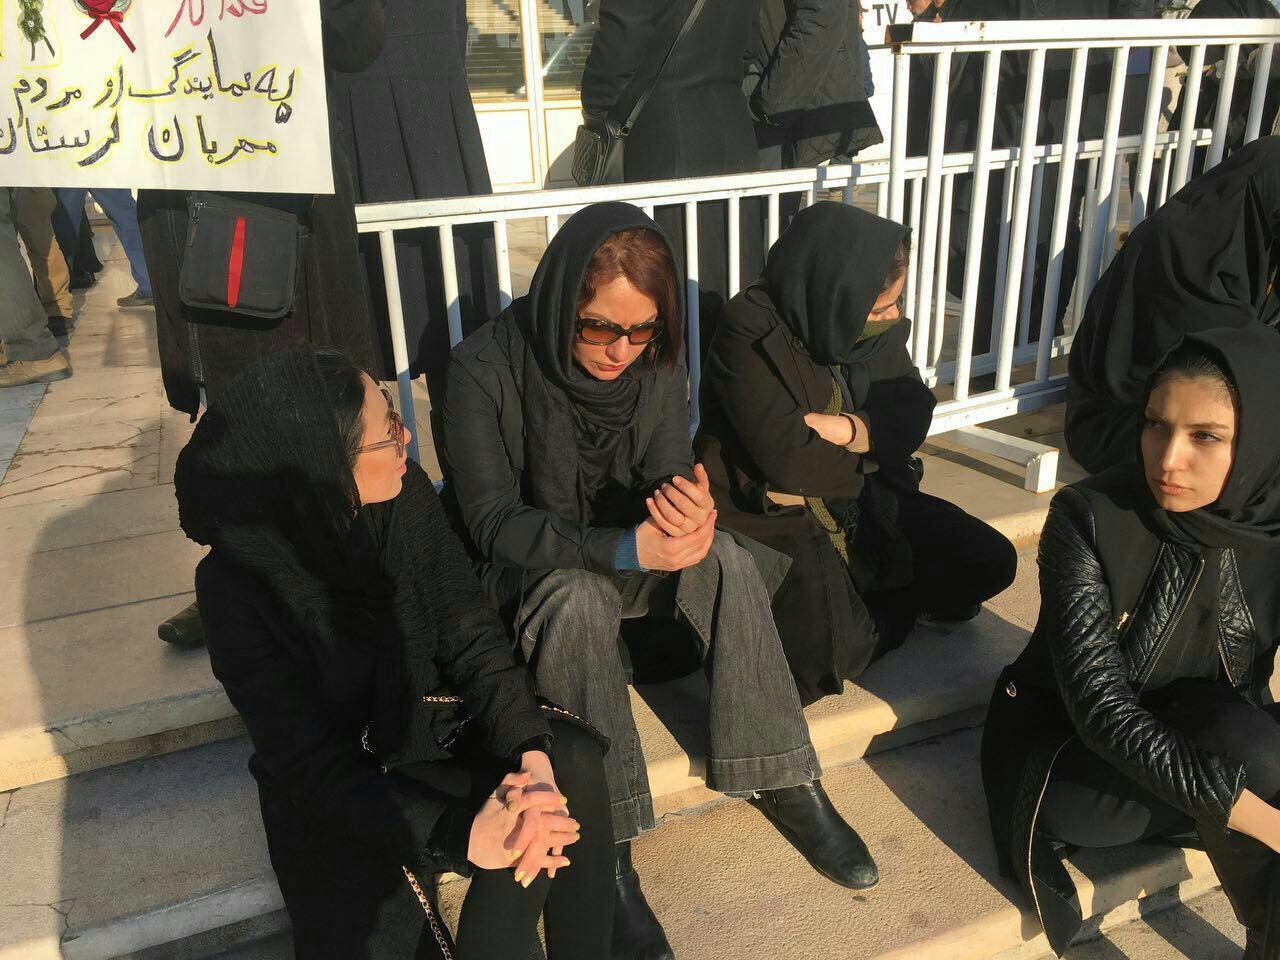 مهناز افشار در مراسم تشییع آتشنشانان شهید پلاسکو (عکس)